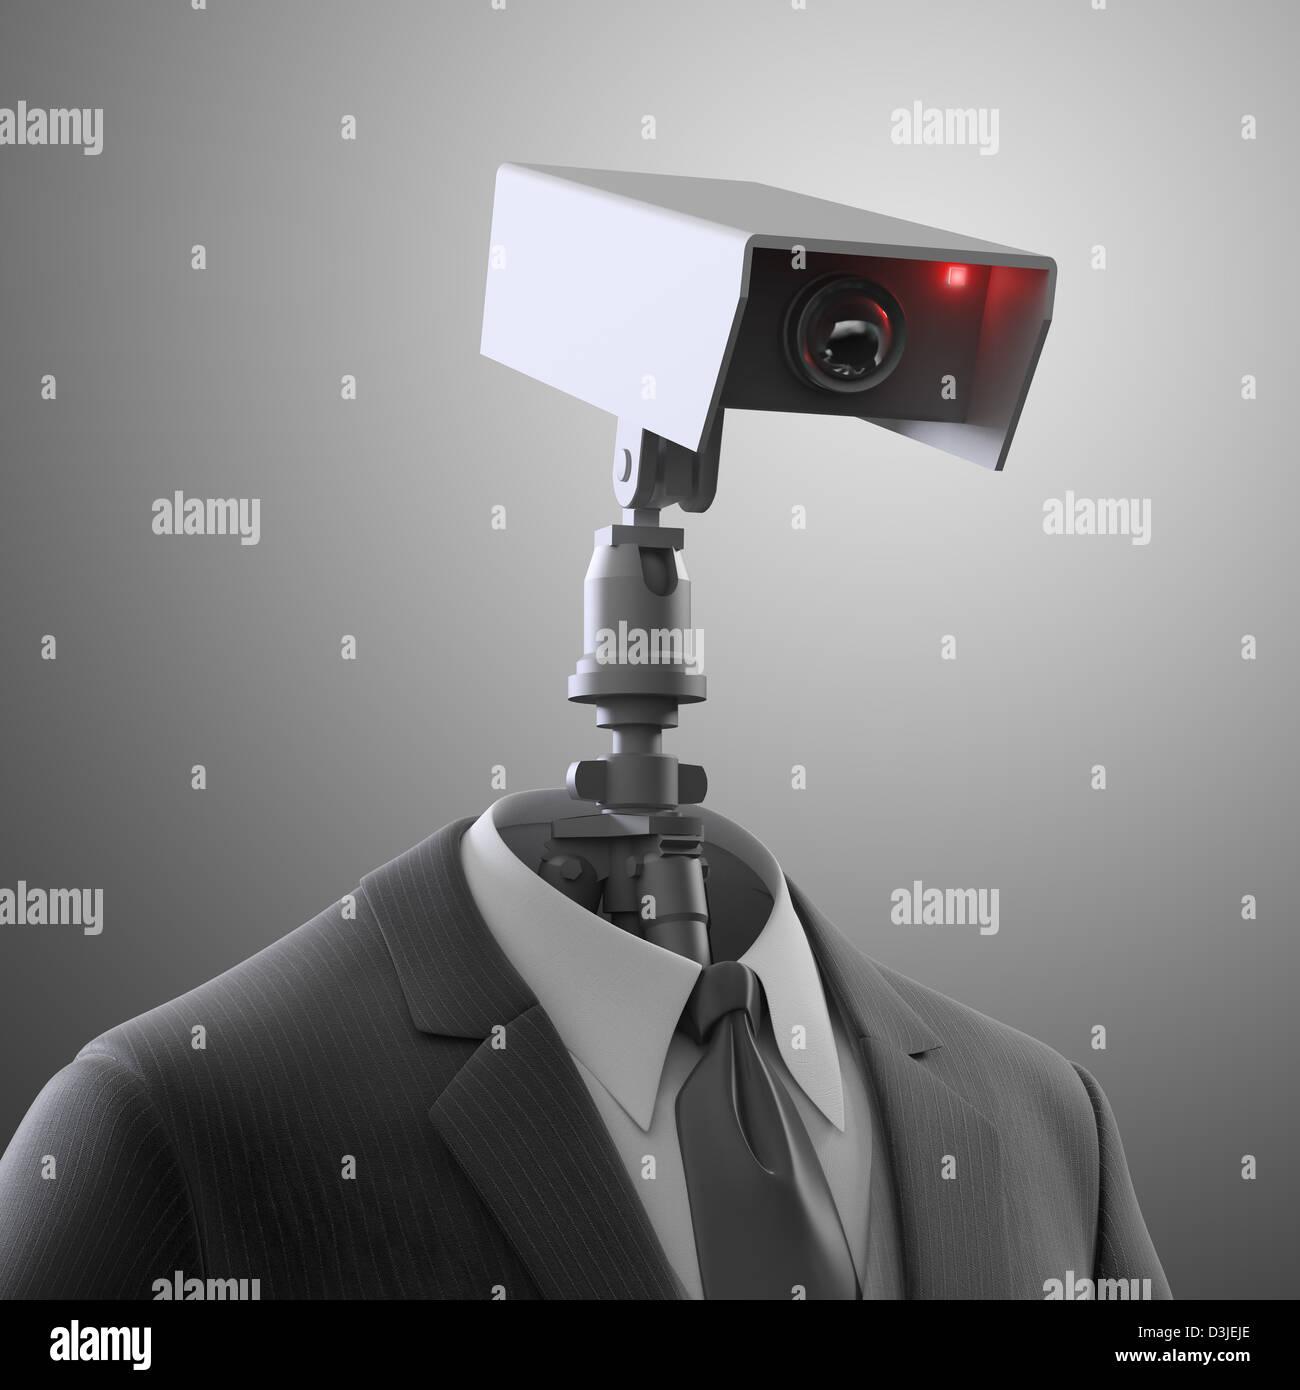 Una cámara de seguridad robótica - vigilancia automatizada Foto de stock